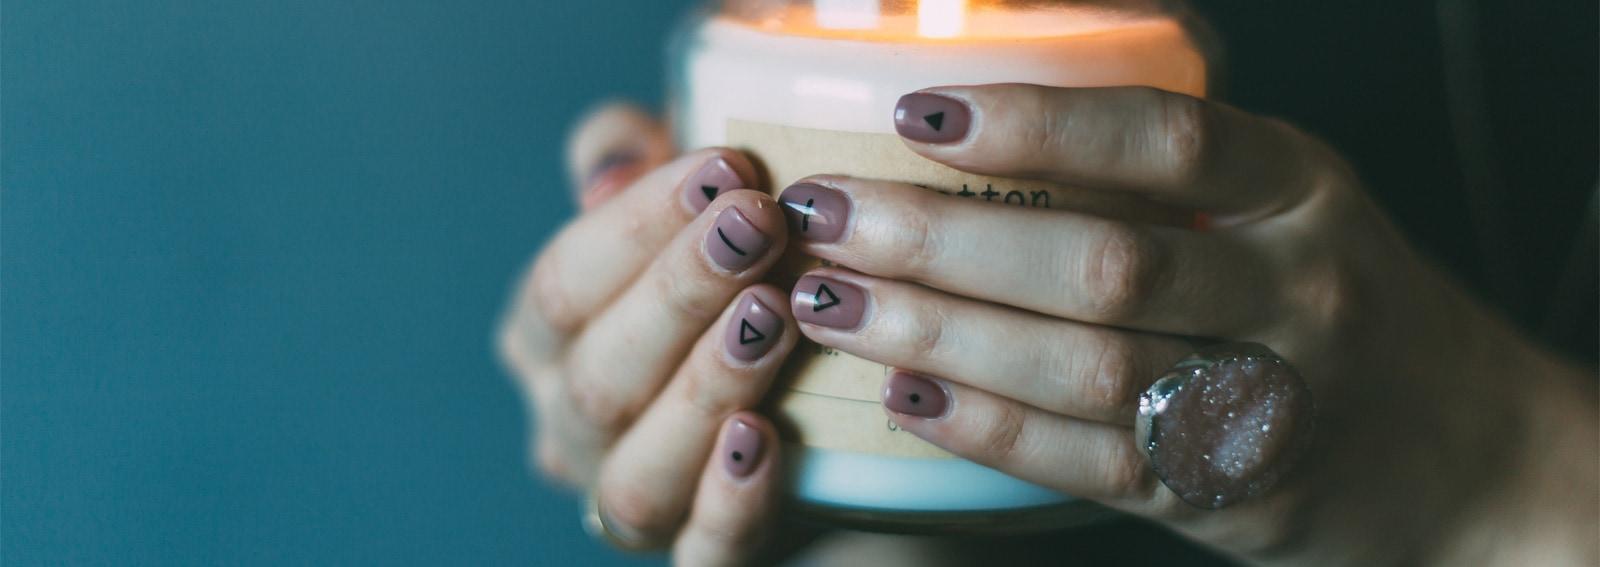 unghie-corte-nail-art-idee-da-bellissime-da-copiare-cover-desktop